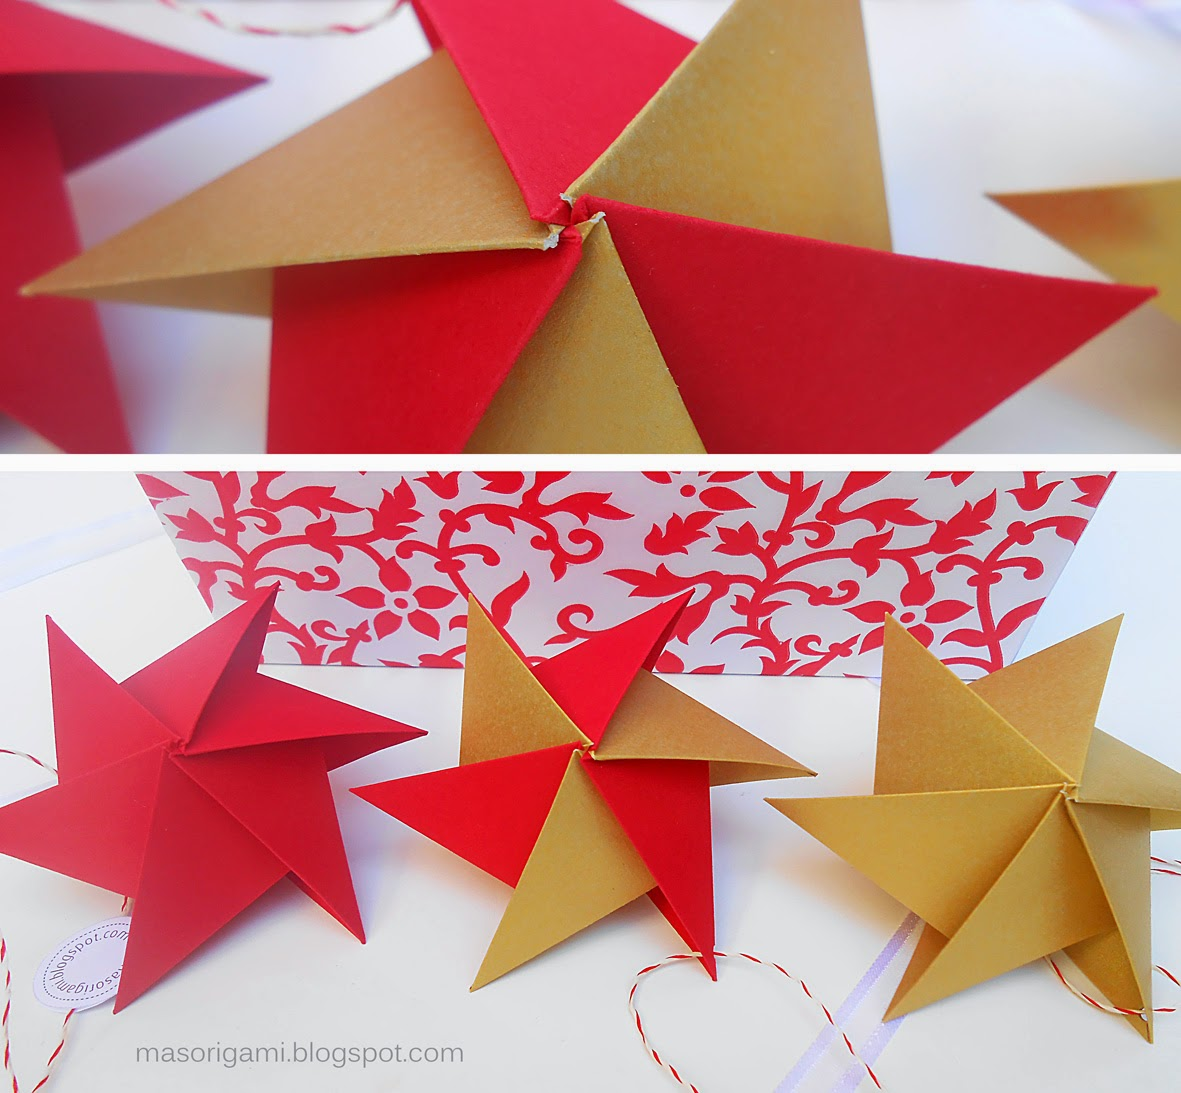 Mas origami pensar la navidad en origami septima star - Origami de una estrella ...